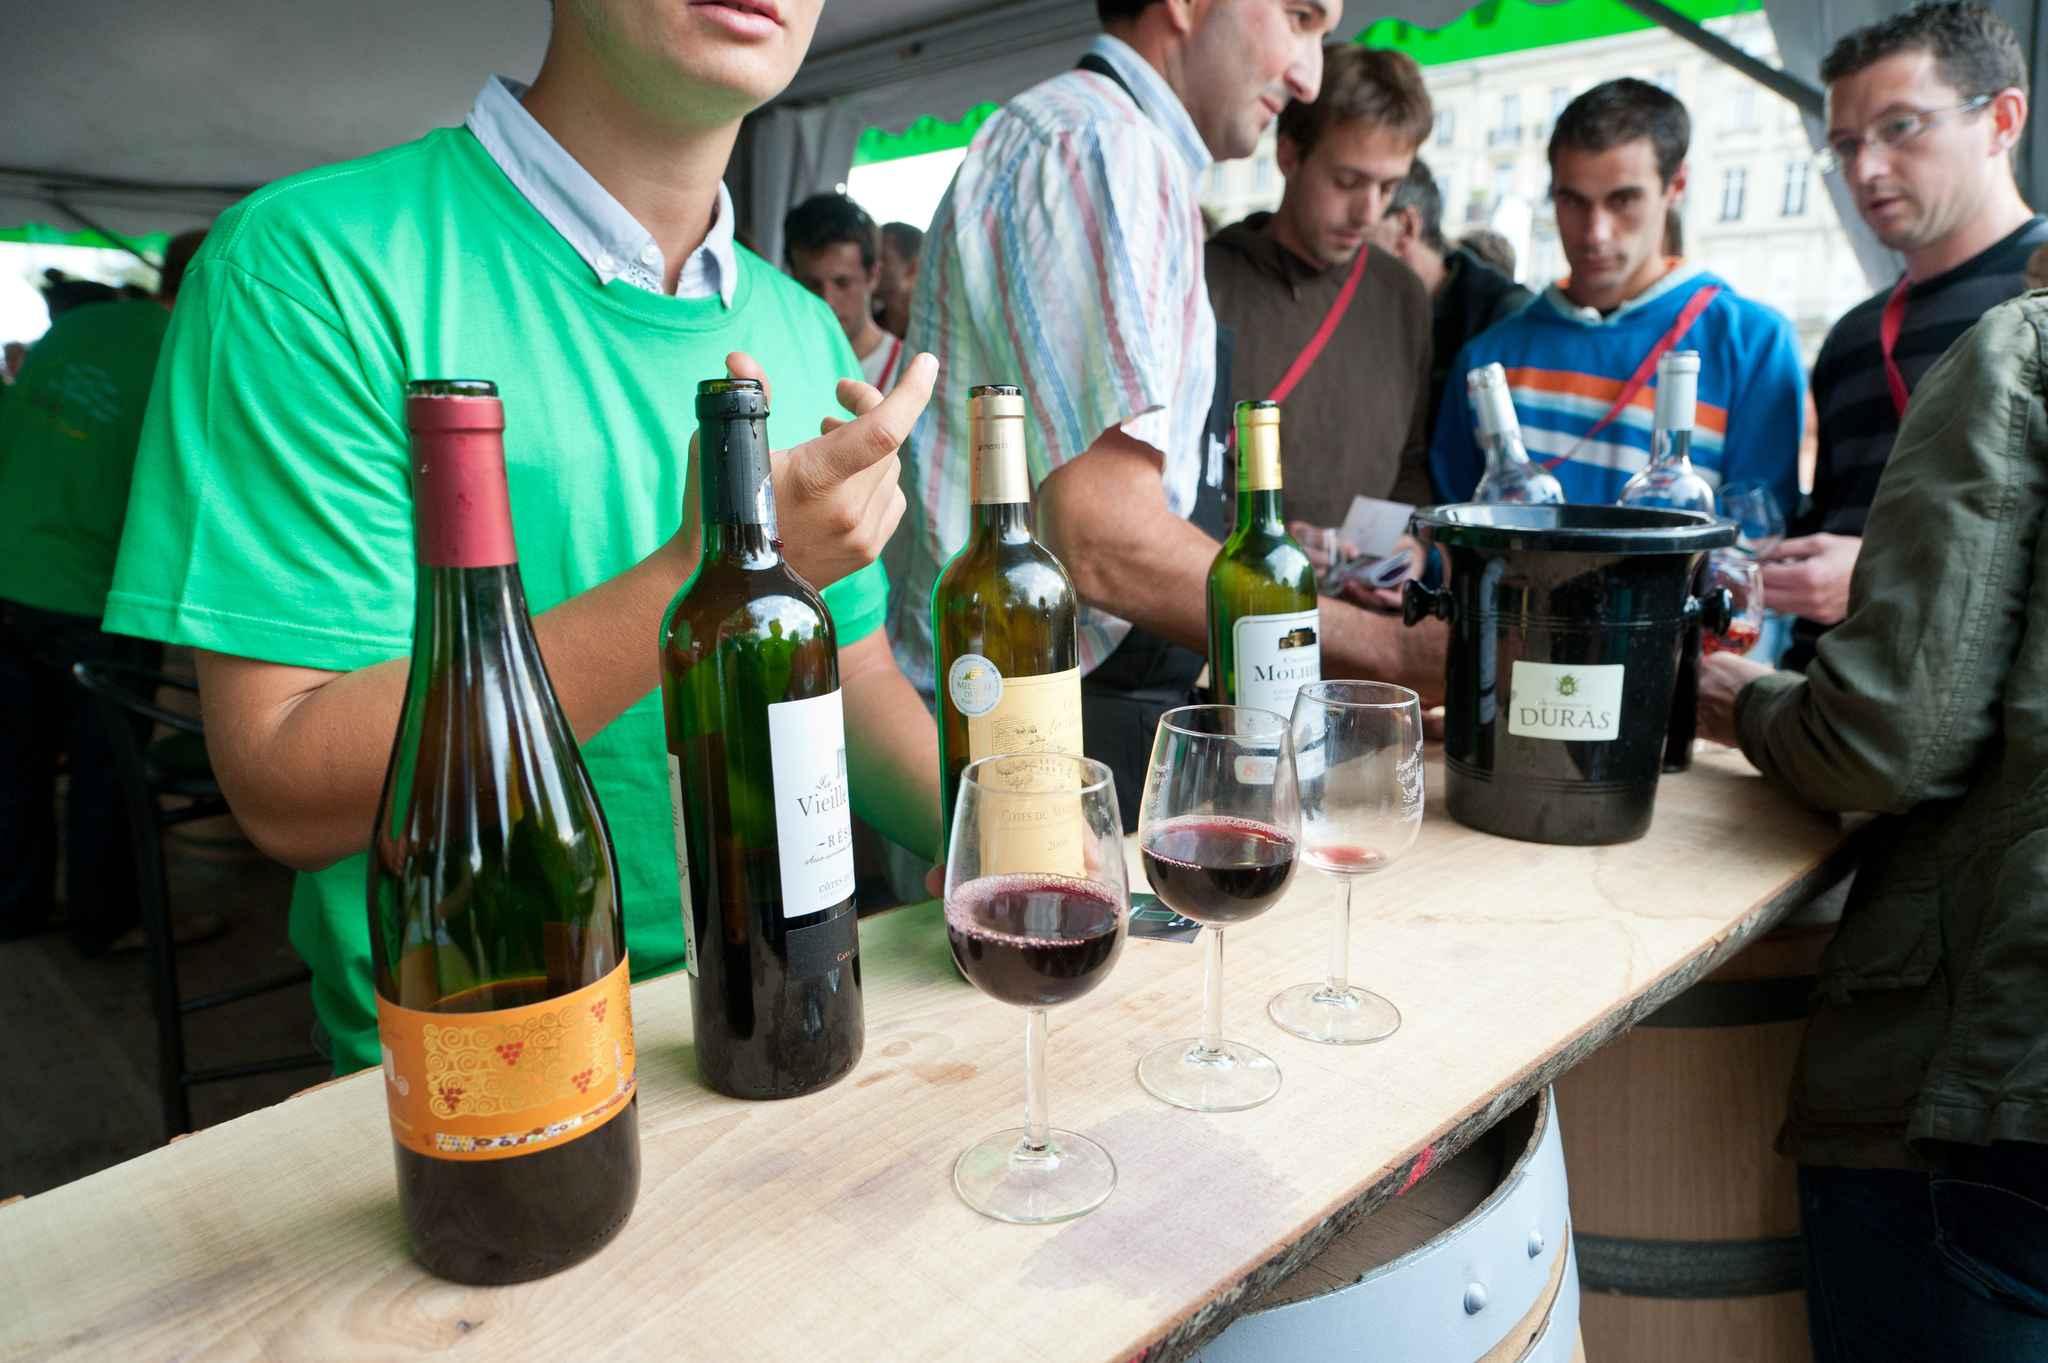 Les ventes de vins de Bordeaux en baisse de 3% l'an dernier